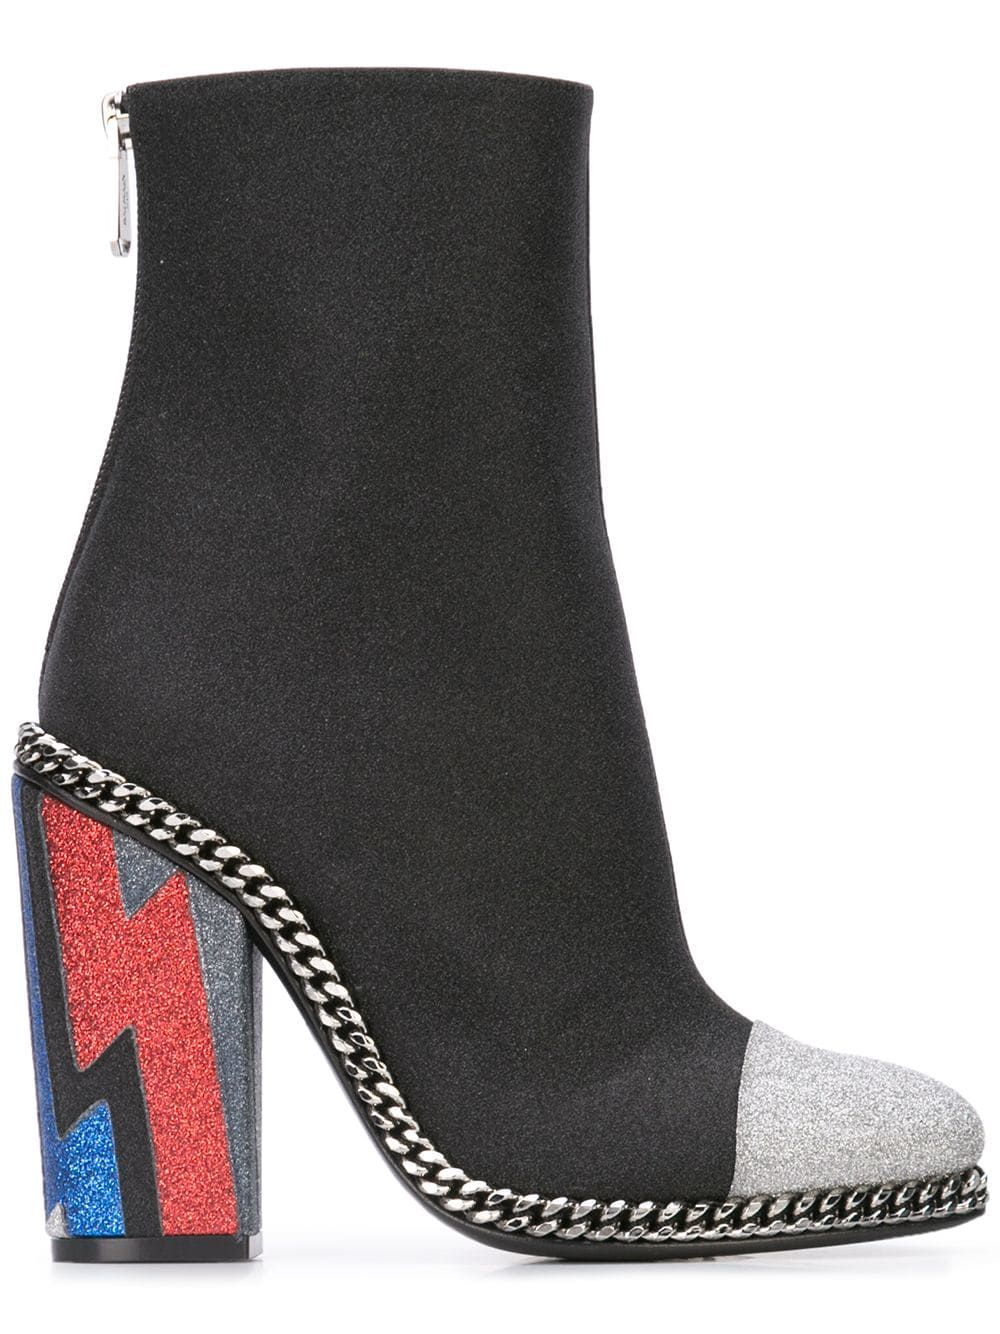 3b513cf2333 Balmain glitter capped boots | repin | Glitter fashion, Boots, Balmain